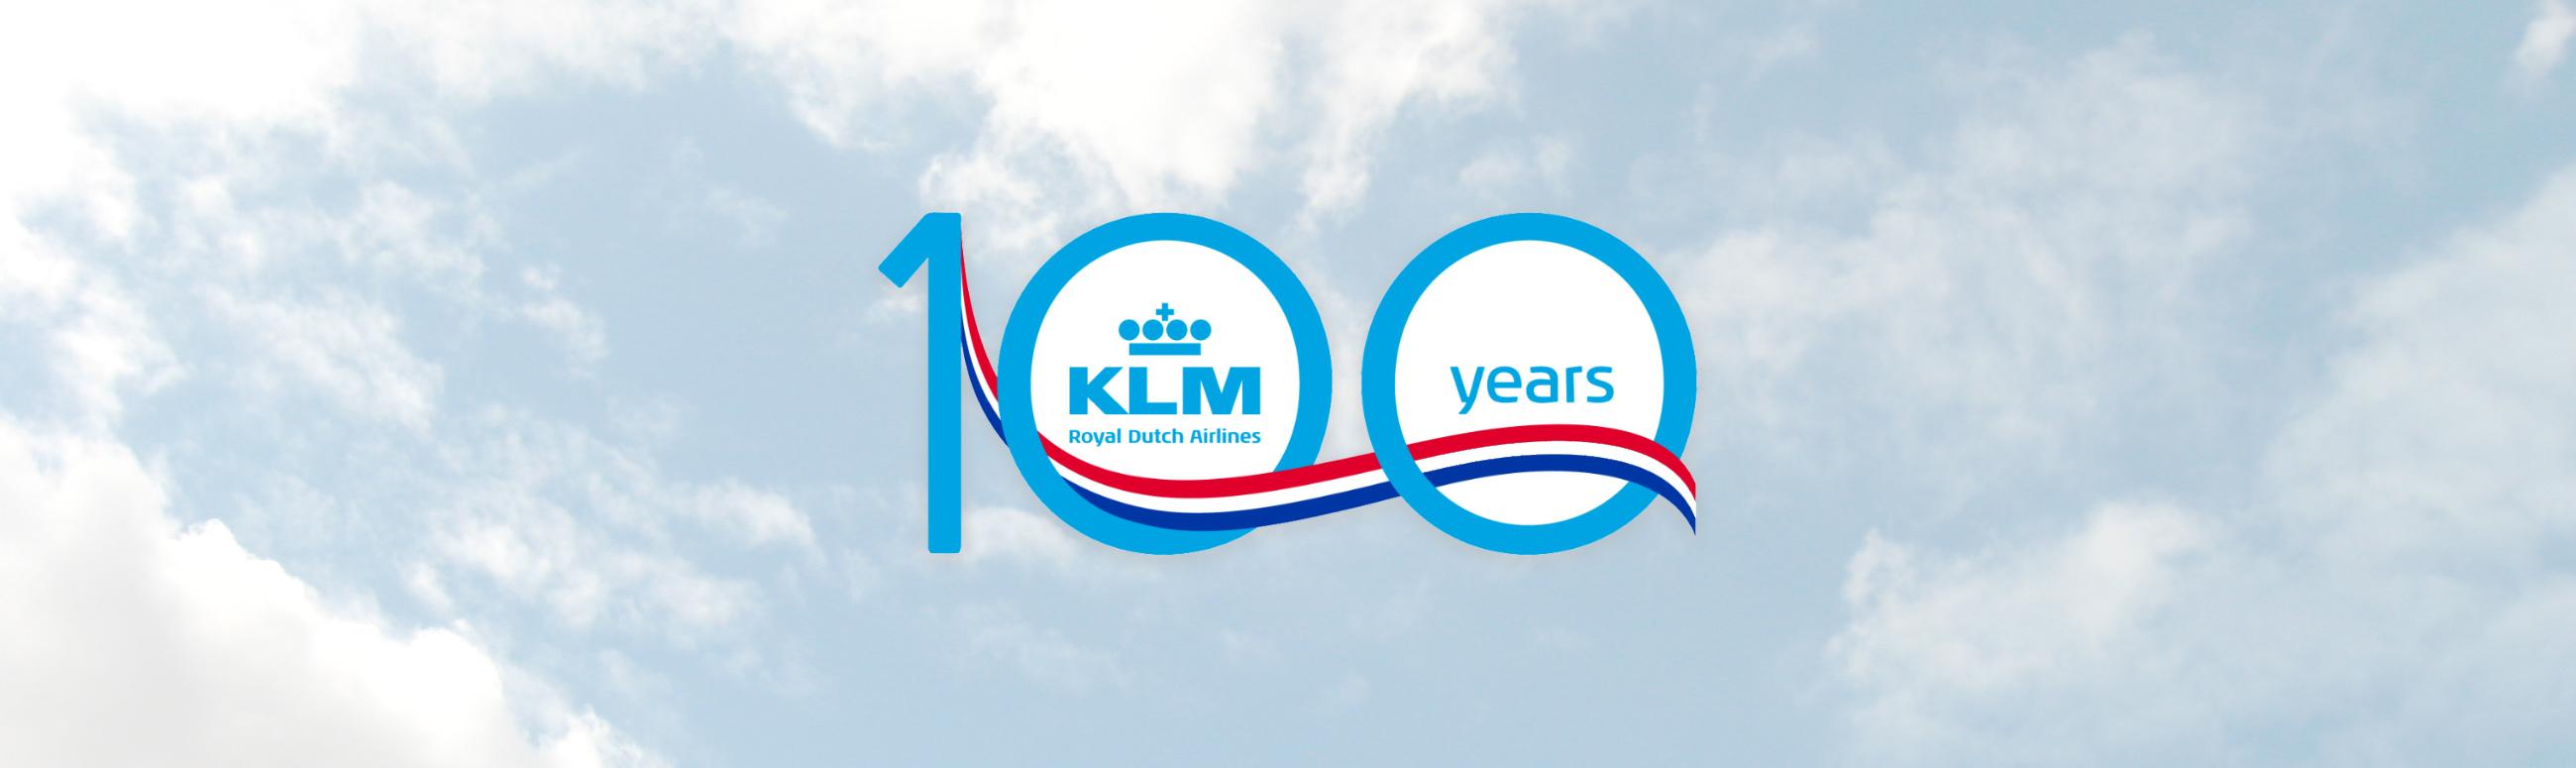 klm-banner-100-3